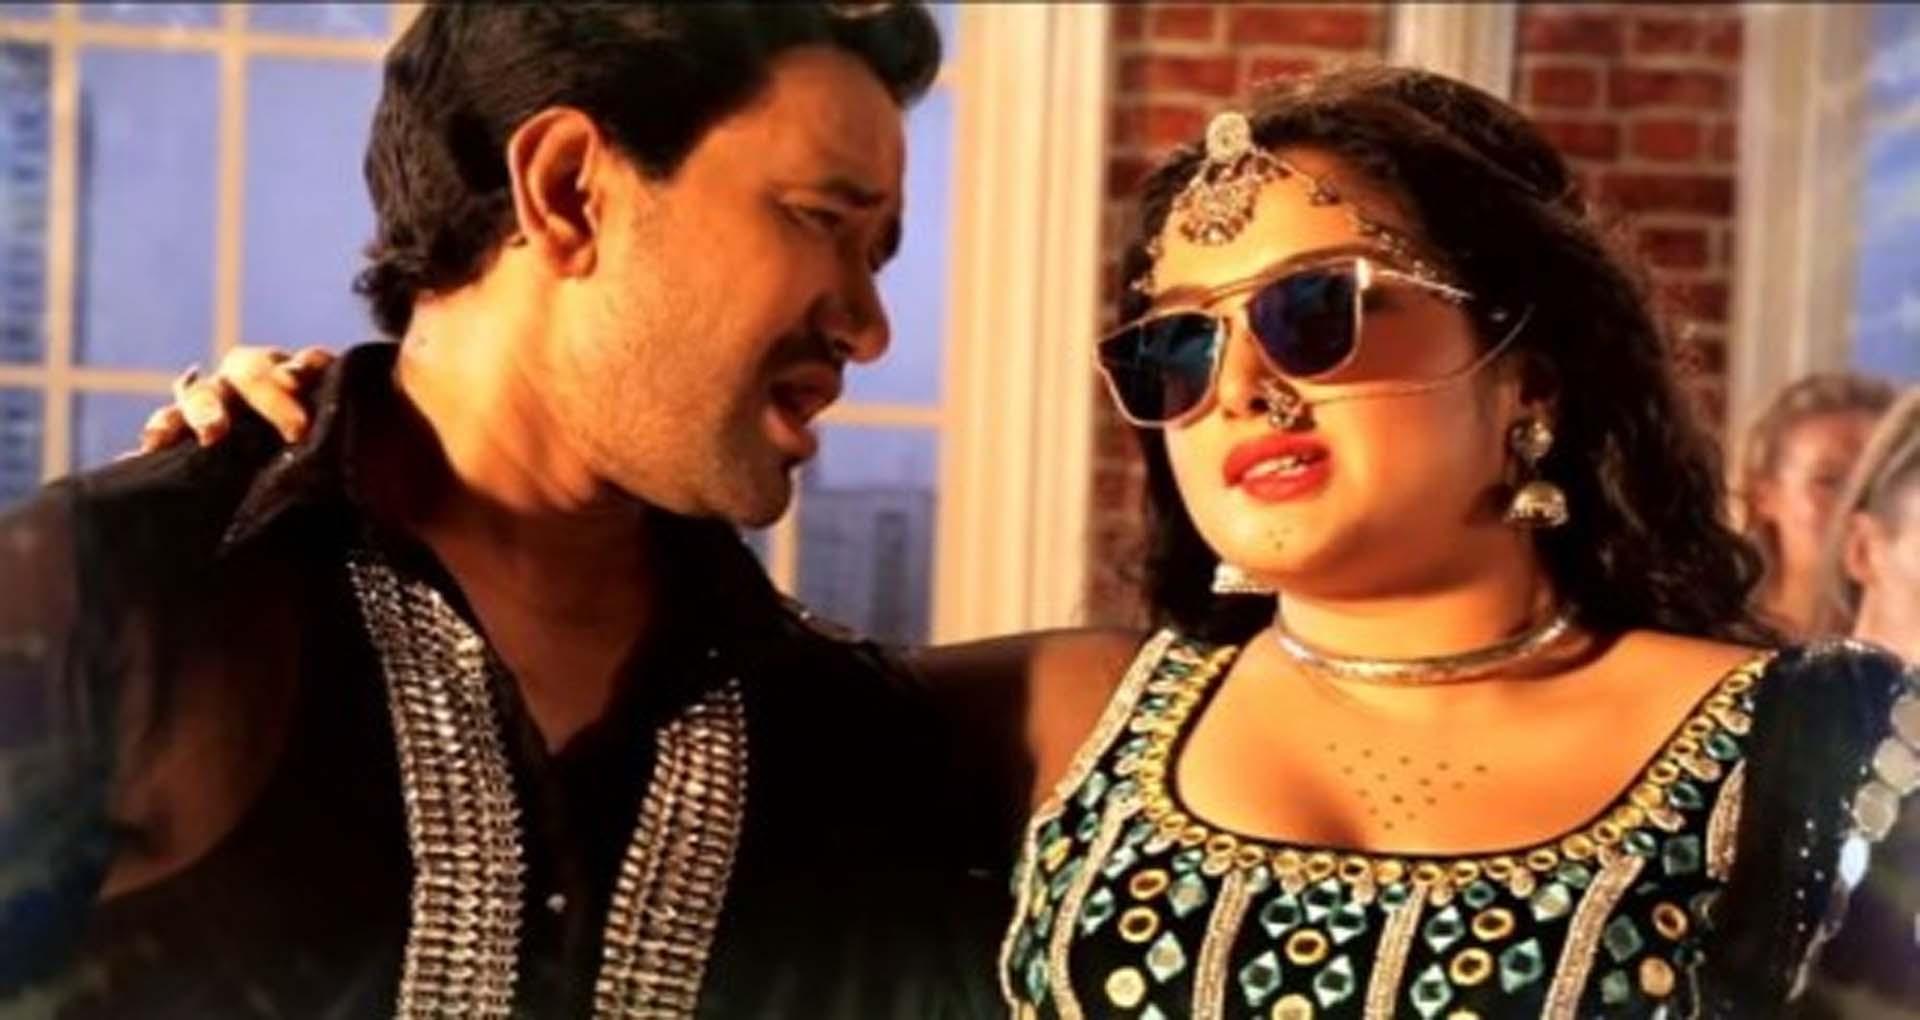 Aamrapali Dubey Song: निरहुआ और आम्रपाली दुबे का भोजपुरी गाना 'चोए चोए' का धमाल, देखें वीडियो